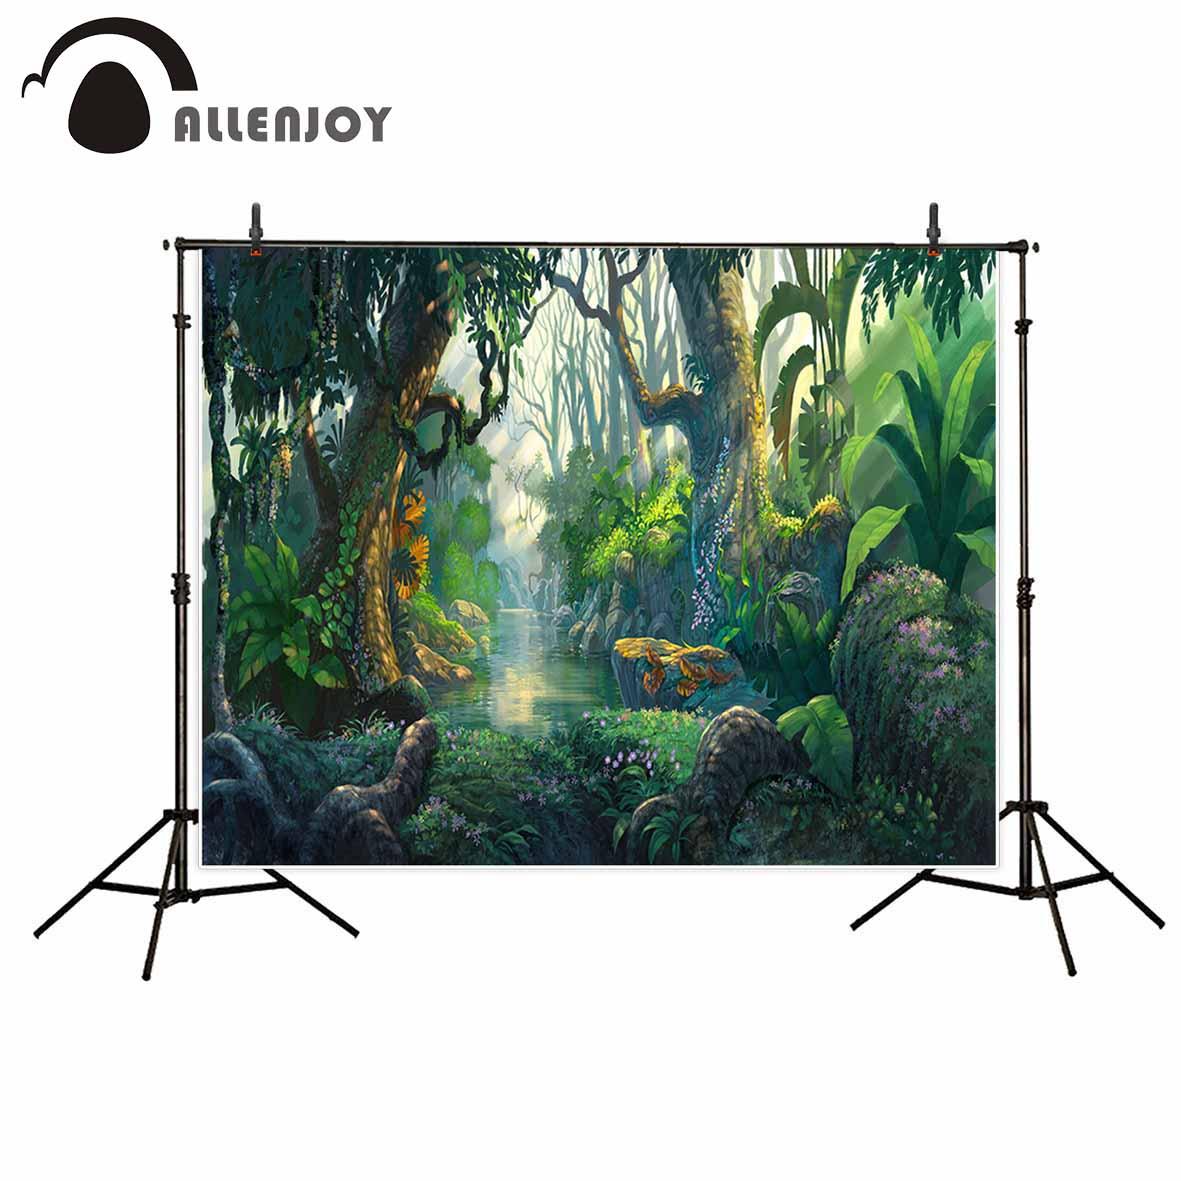 Allenjoy fotografie hintergrund wald cartoon grün wunderland baum hintergrund photobooth foto studio foto prop